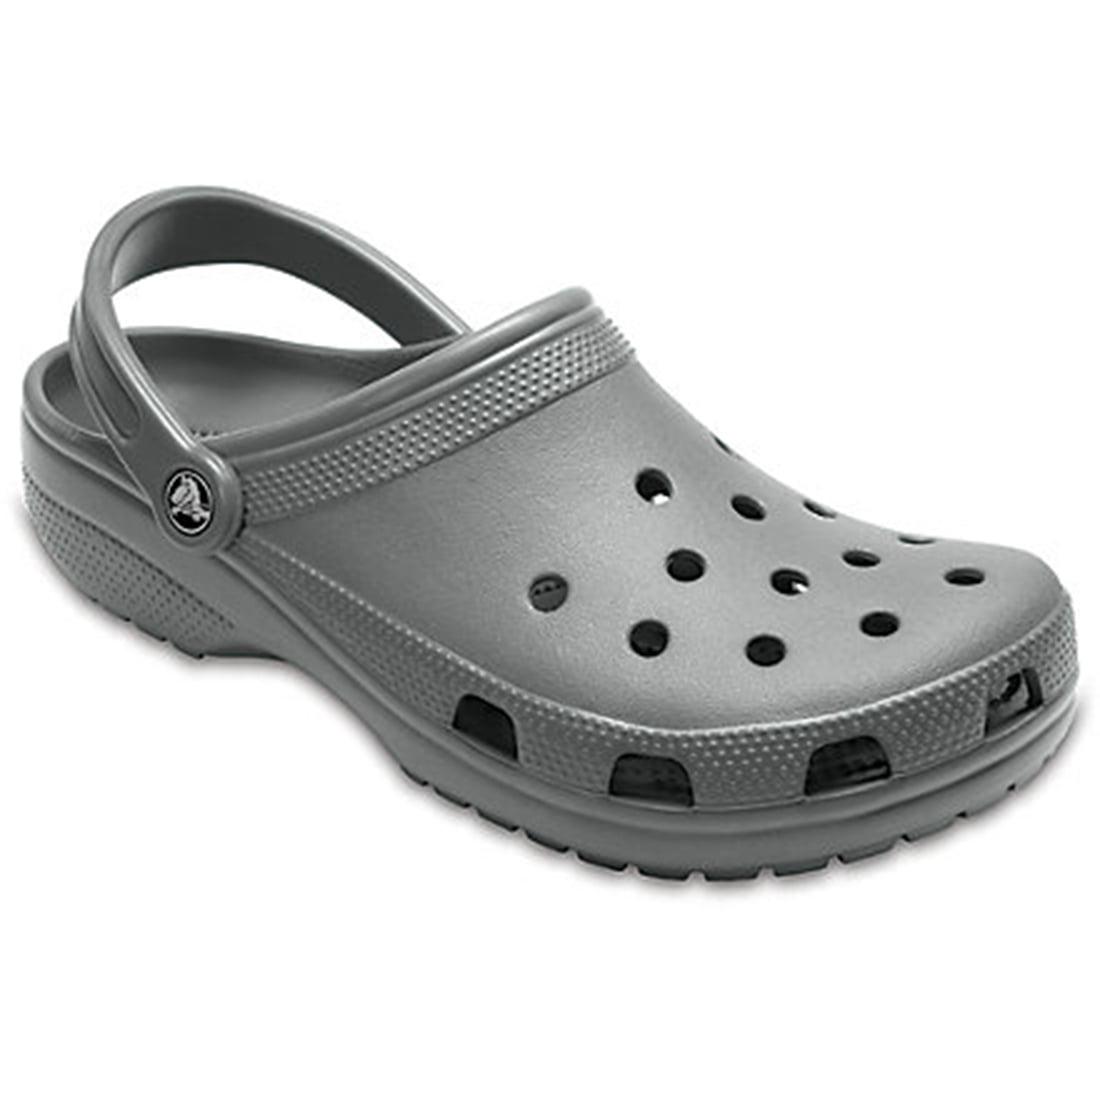 5c0382db47793 Buy Crocs Mens Classic Clogs